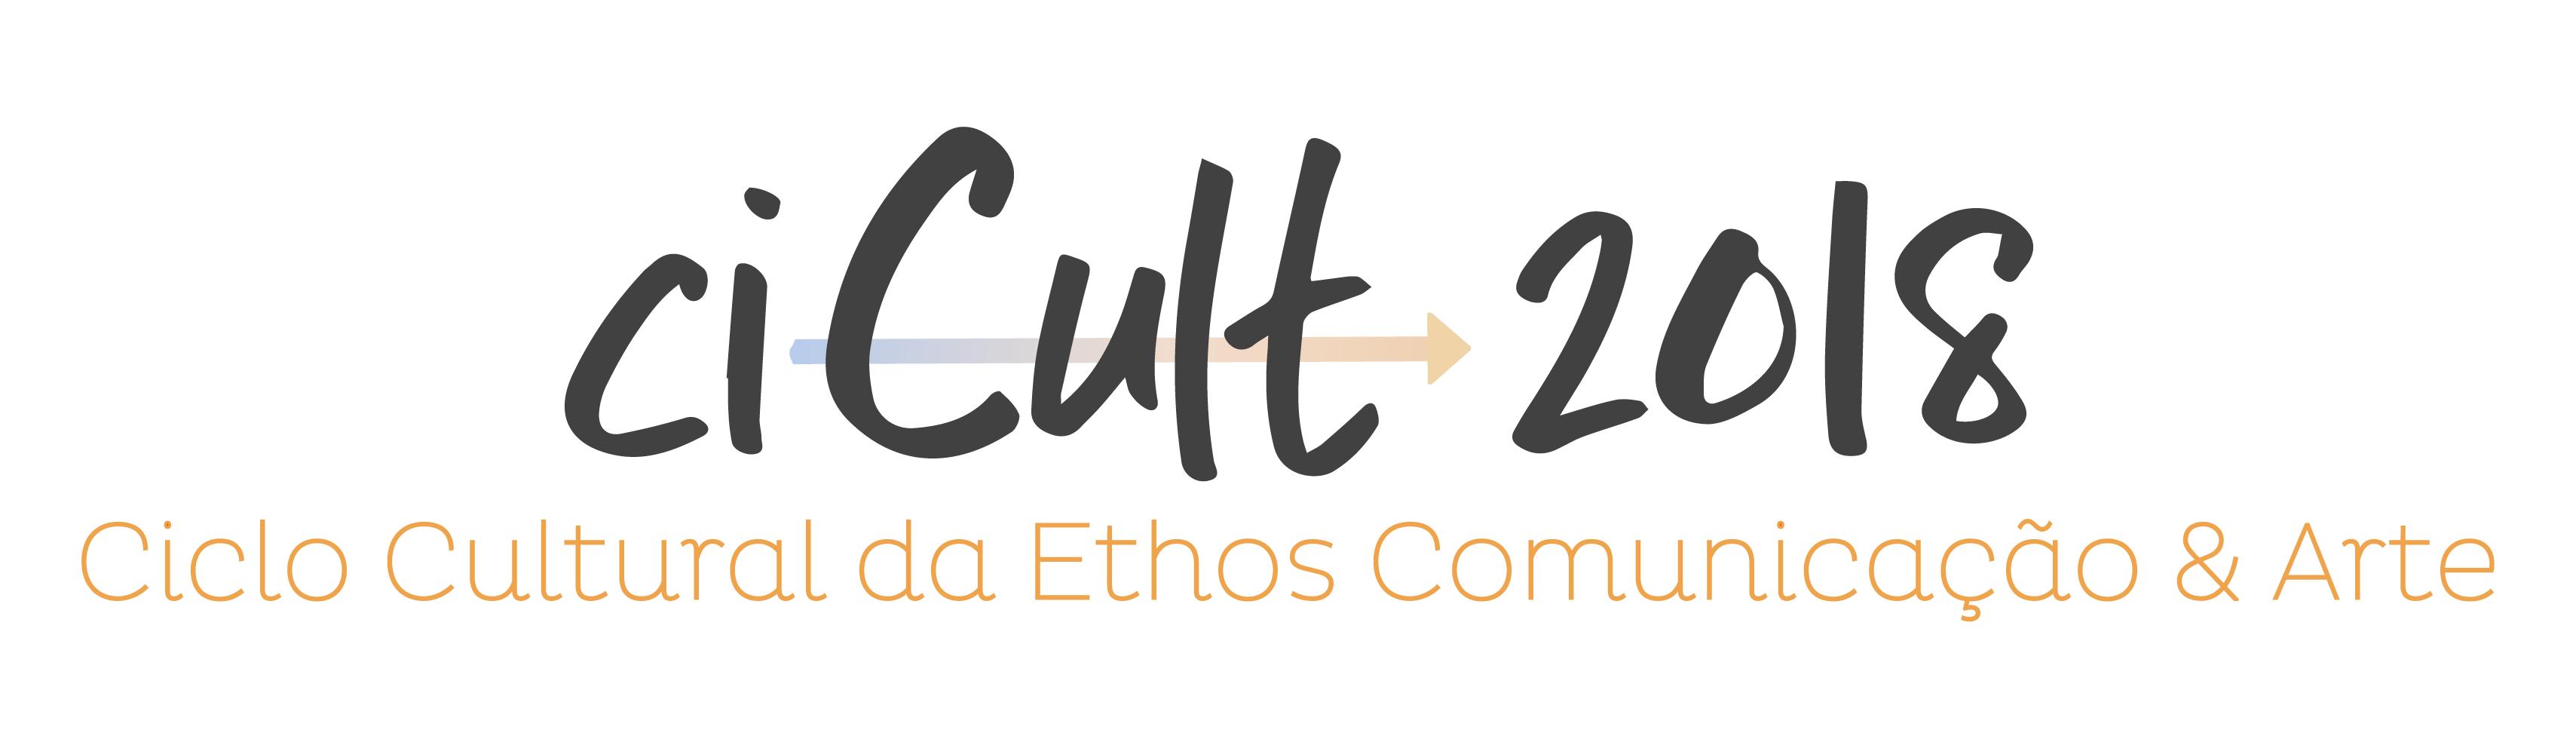 CICULT 2018 . CICLO CULTURAL DA ETHOS COMUNICAÇÃO & ARTE